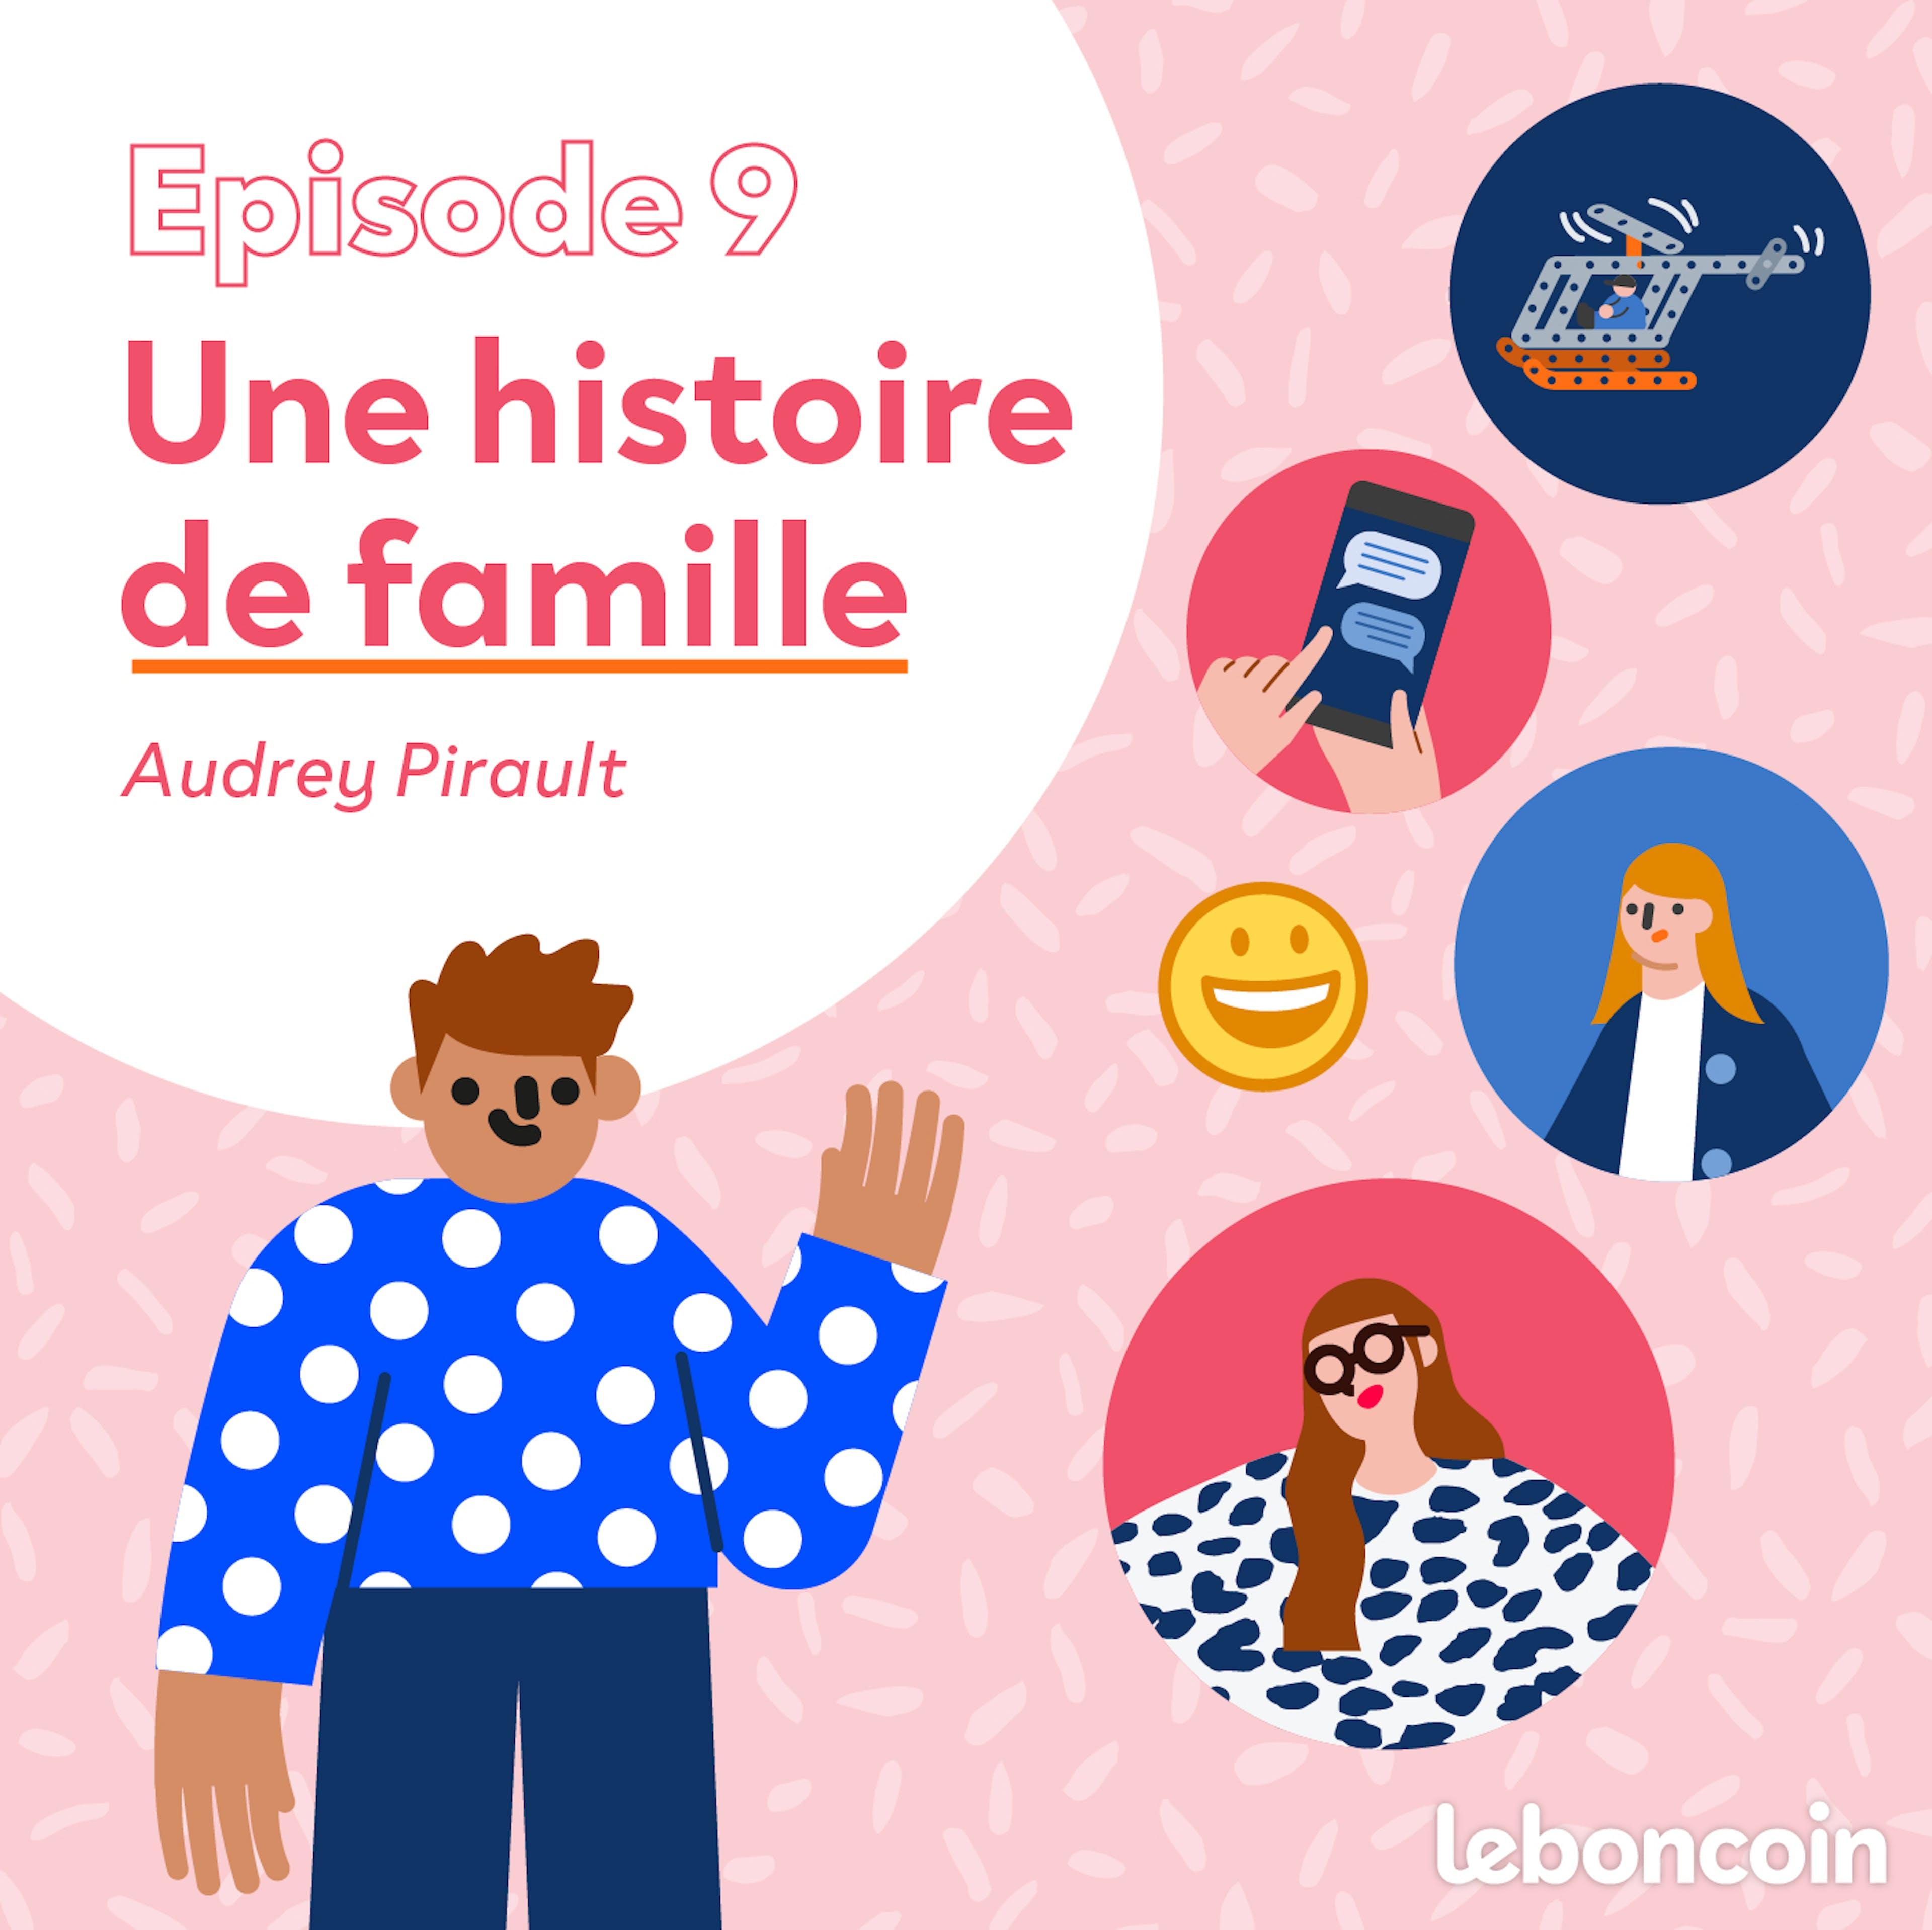 Les bonnes histoires – Épisode 9, Histoire de famille